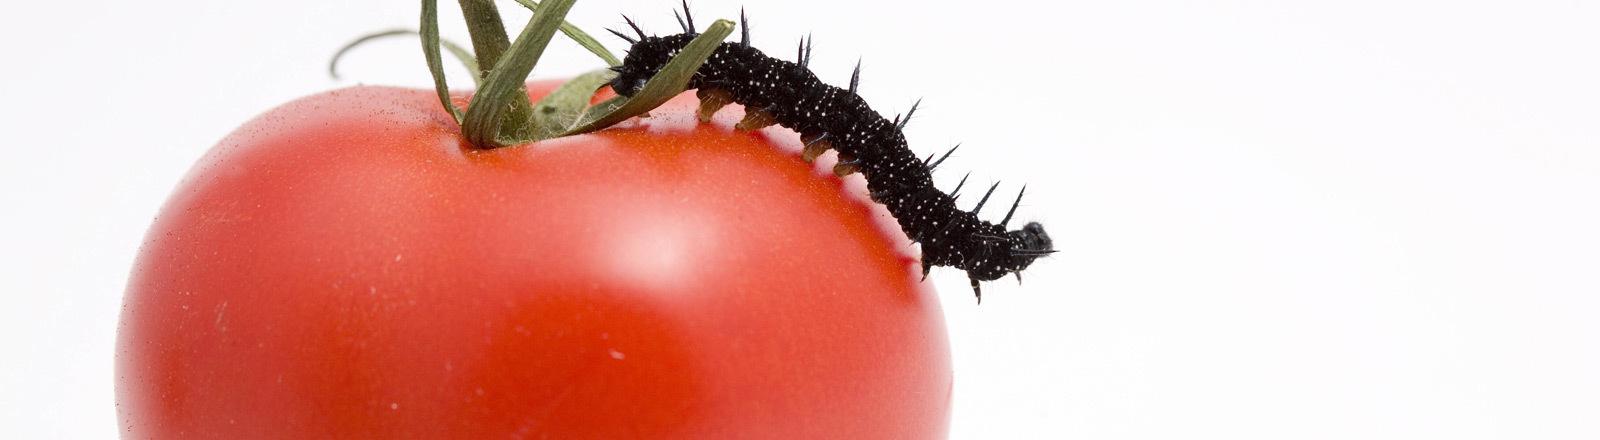 Eine Raupe befindet sich auf einer Tomate.